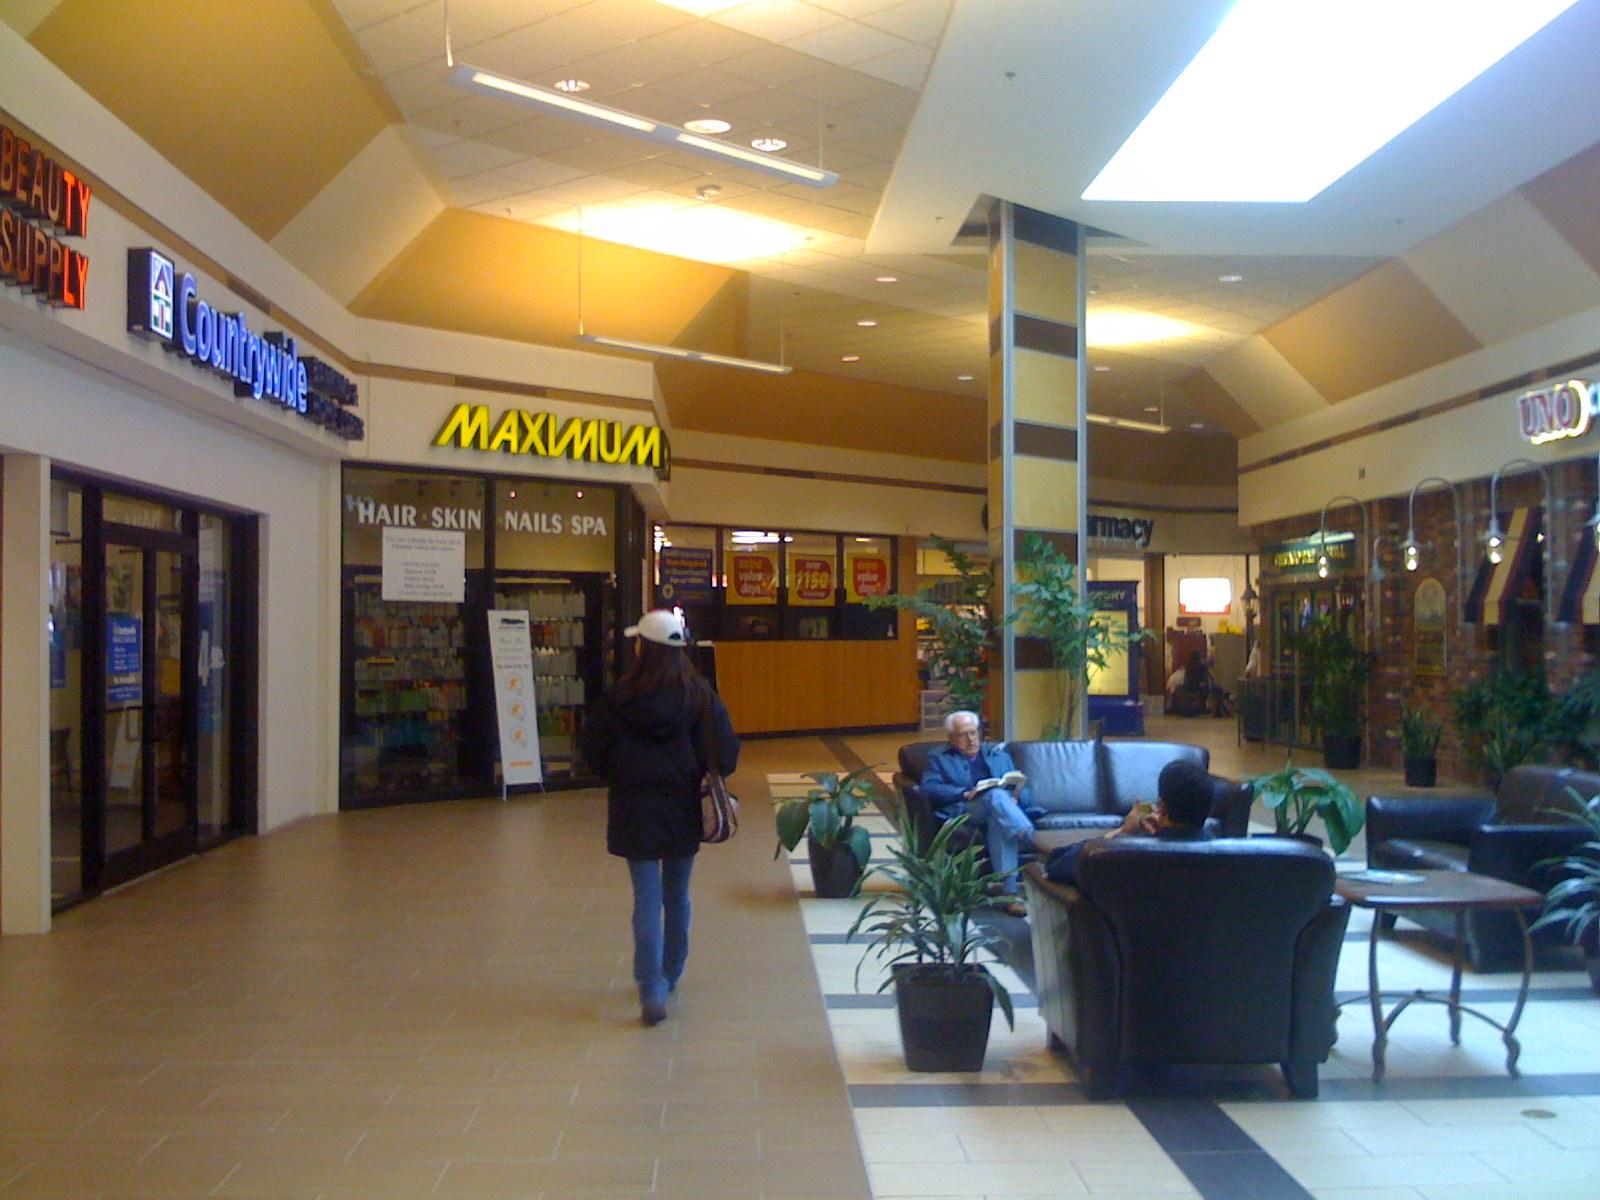 Machusetts Woburn Mall In